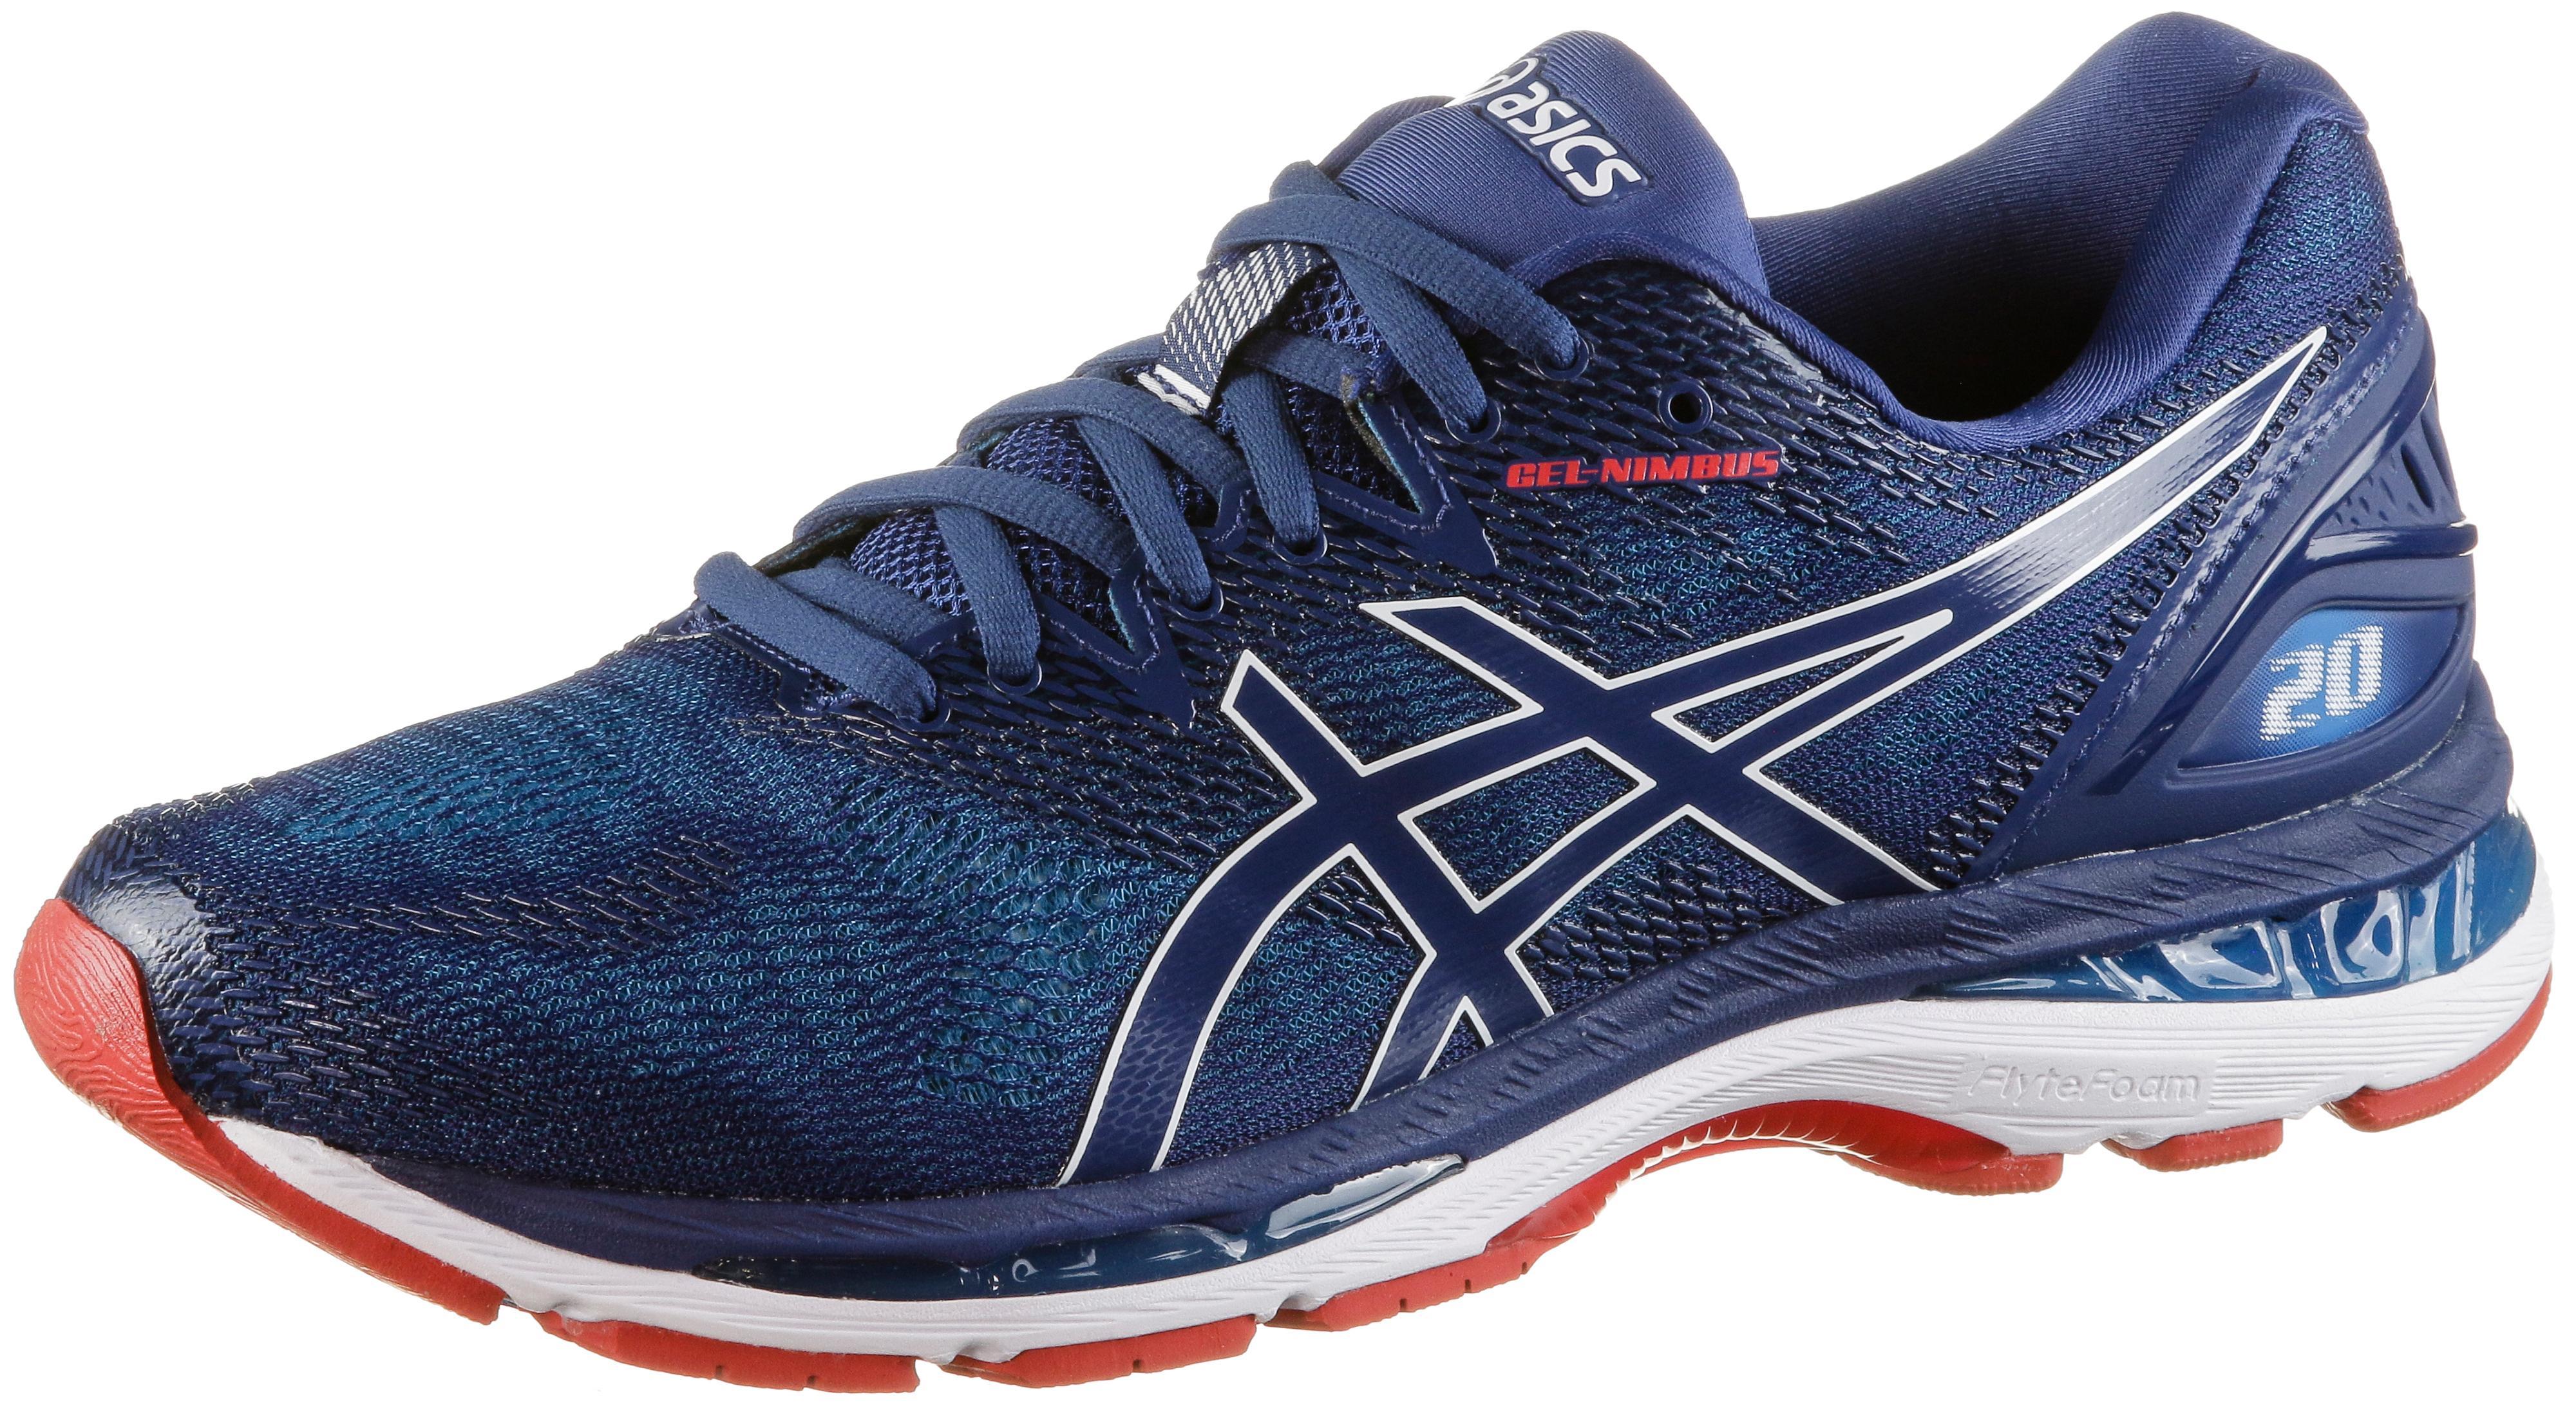 ASICS GEL-NIMBUS 20 Laufschuhe Herren blue-print-race-blue im Online Shop  von SportScheck kaufen